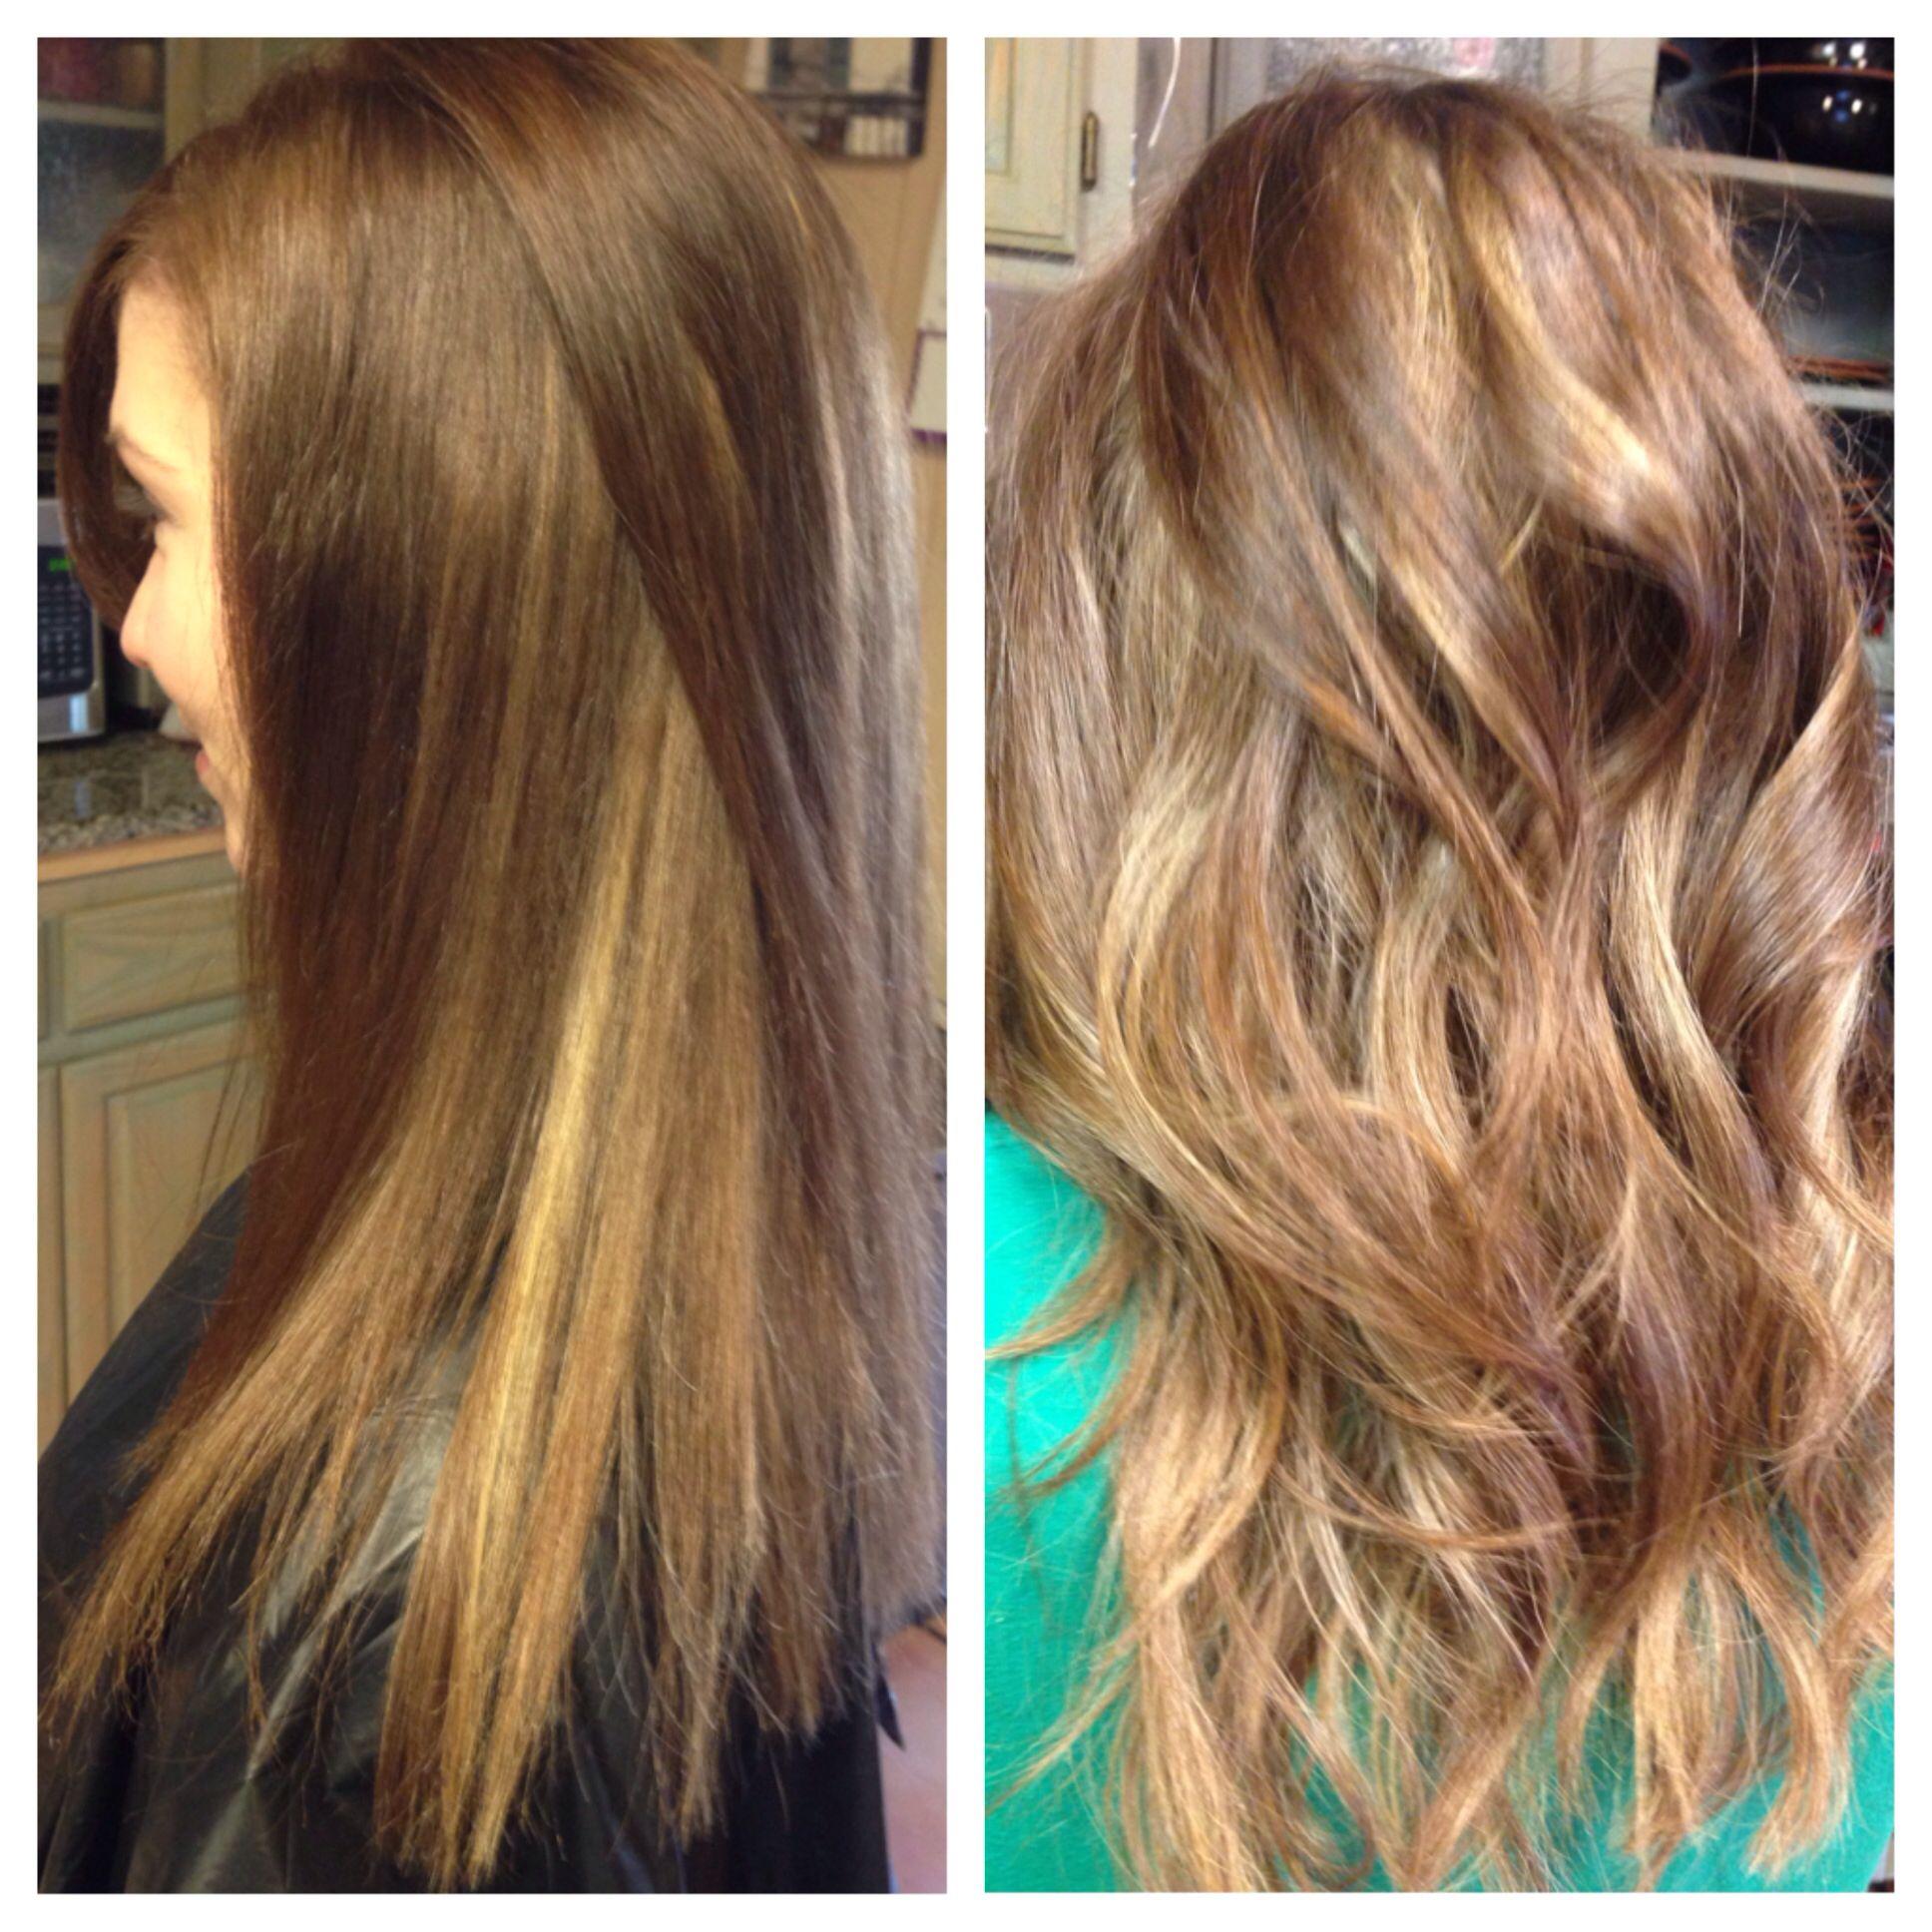 Peekaboo Highlights On Light Brown Hair Clients Pinterest